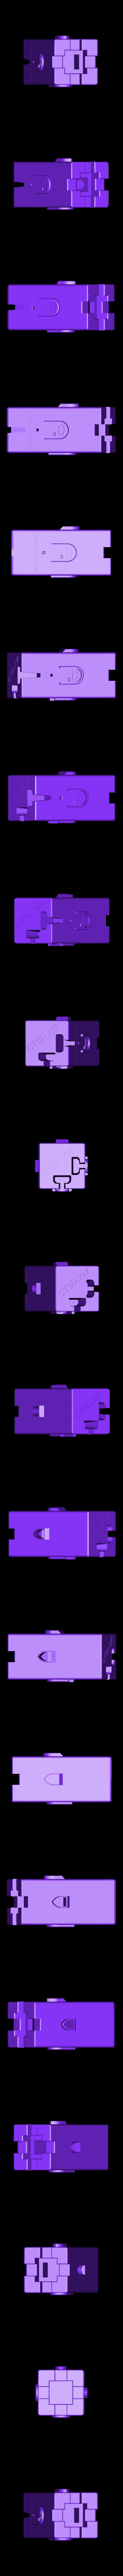 Scout_Tower_Corner_Hollow_(Modular Castle Playset - 3D-printable)_By_CreativeTools.se.stl Télécharger fichier STL gratuit Plateau modulaire de château (imprimable en 3D) • Modèle à imprimer en 3D, CreativeTools